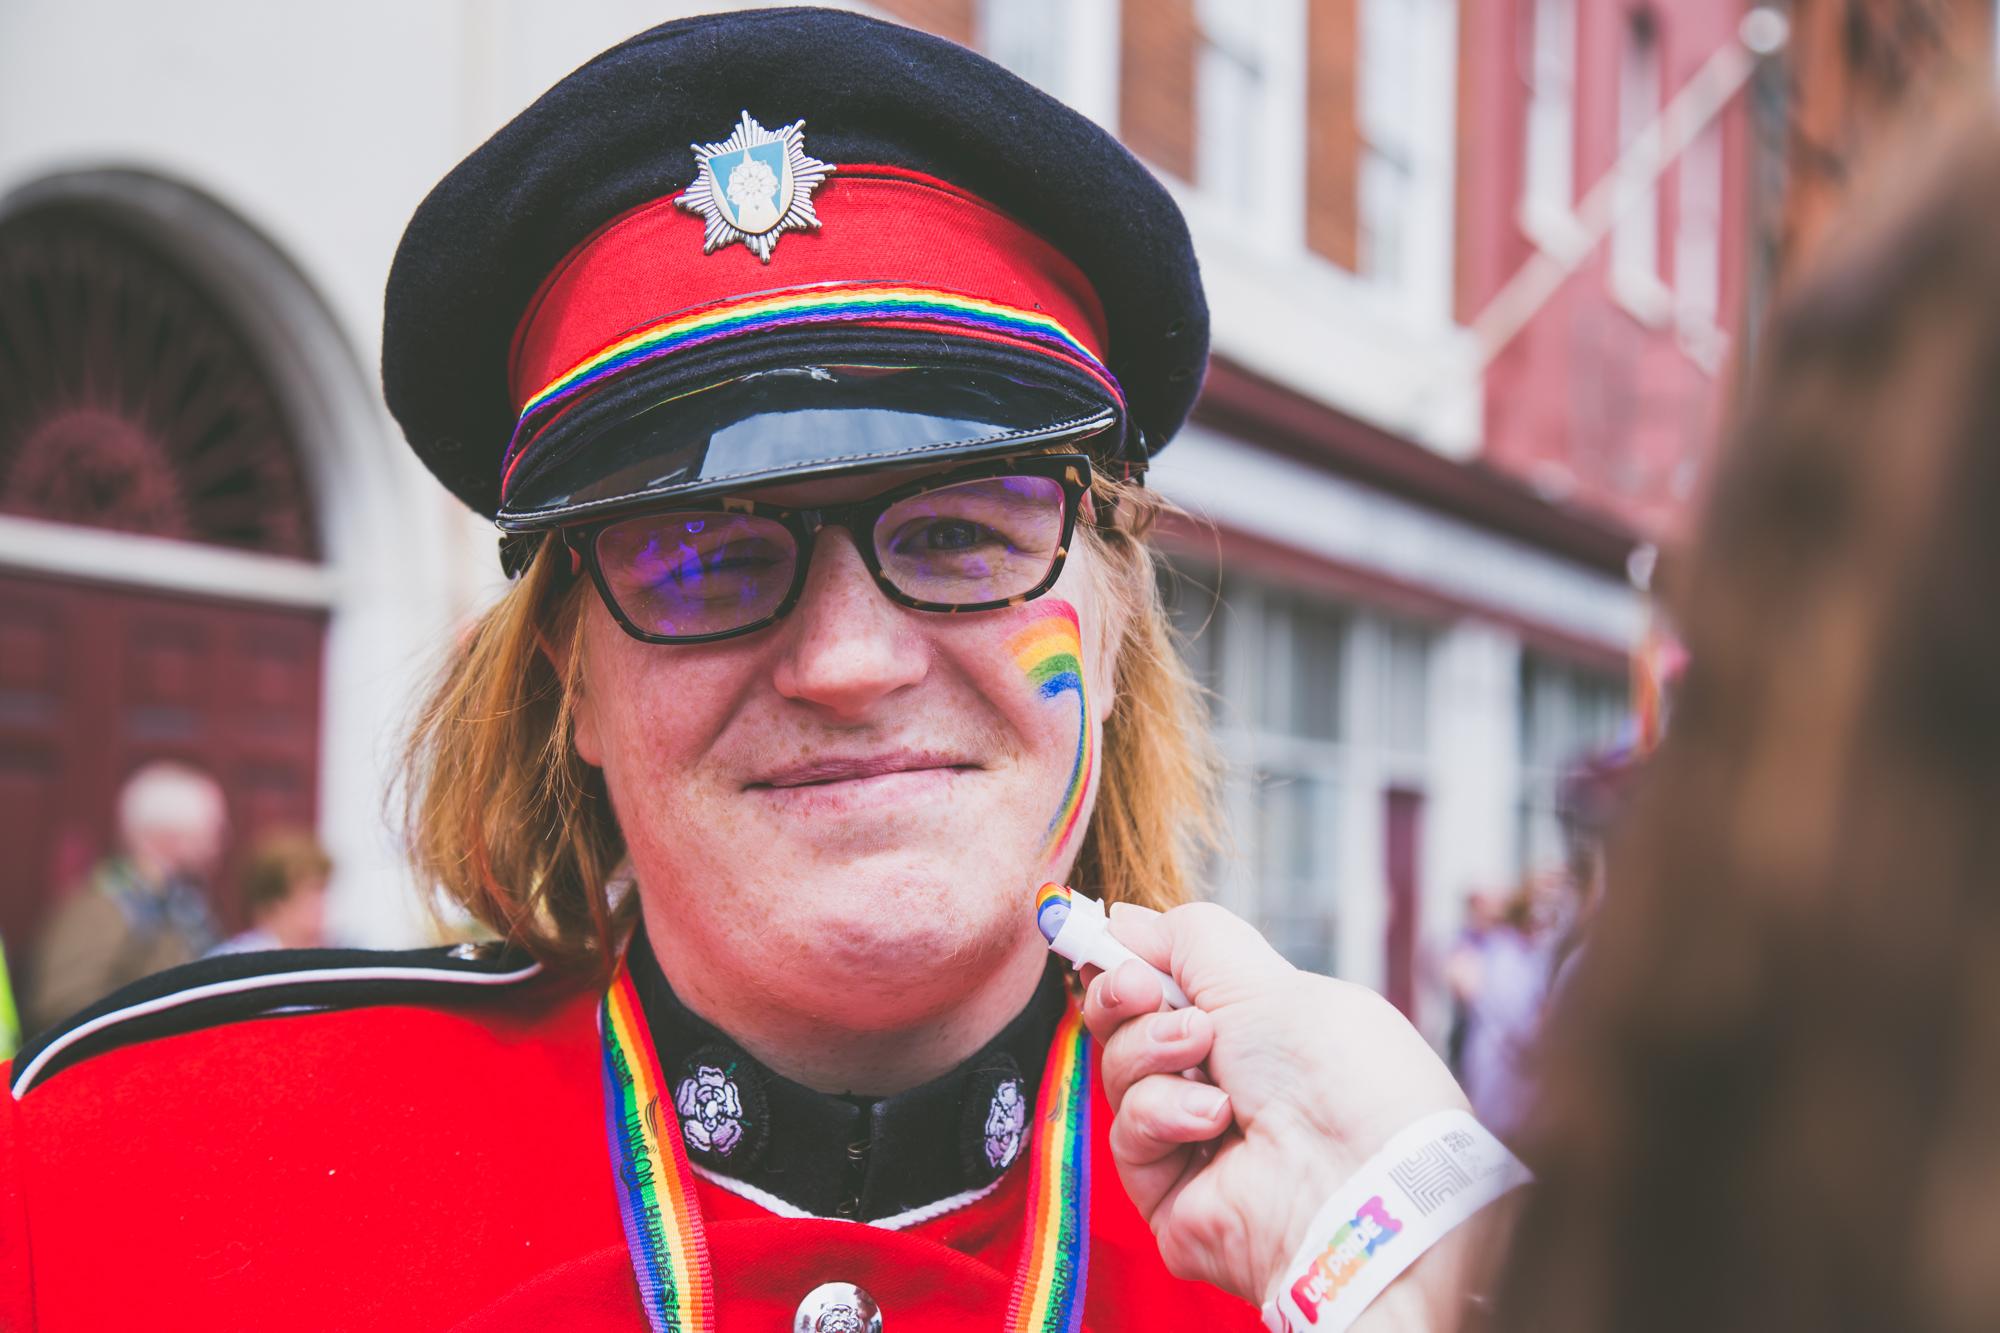 Red uniformed musician